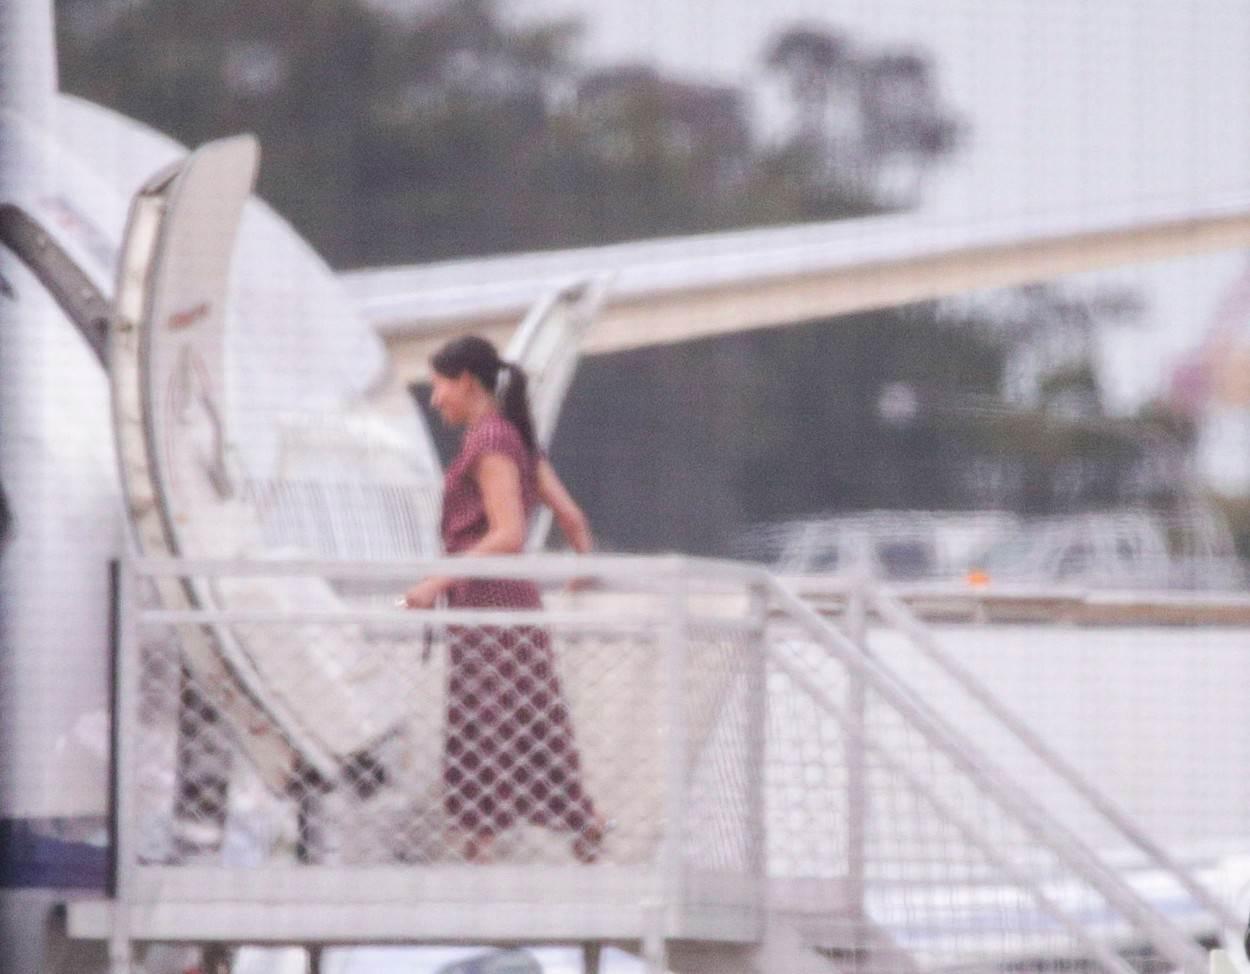 Meghan snimljena za vrijeme kraljevske turneje po Australiji